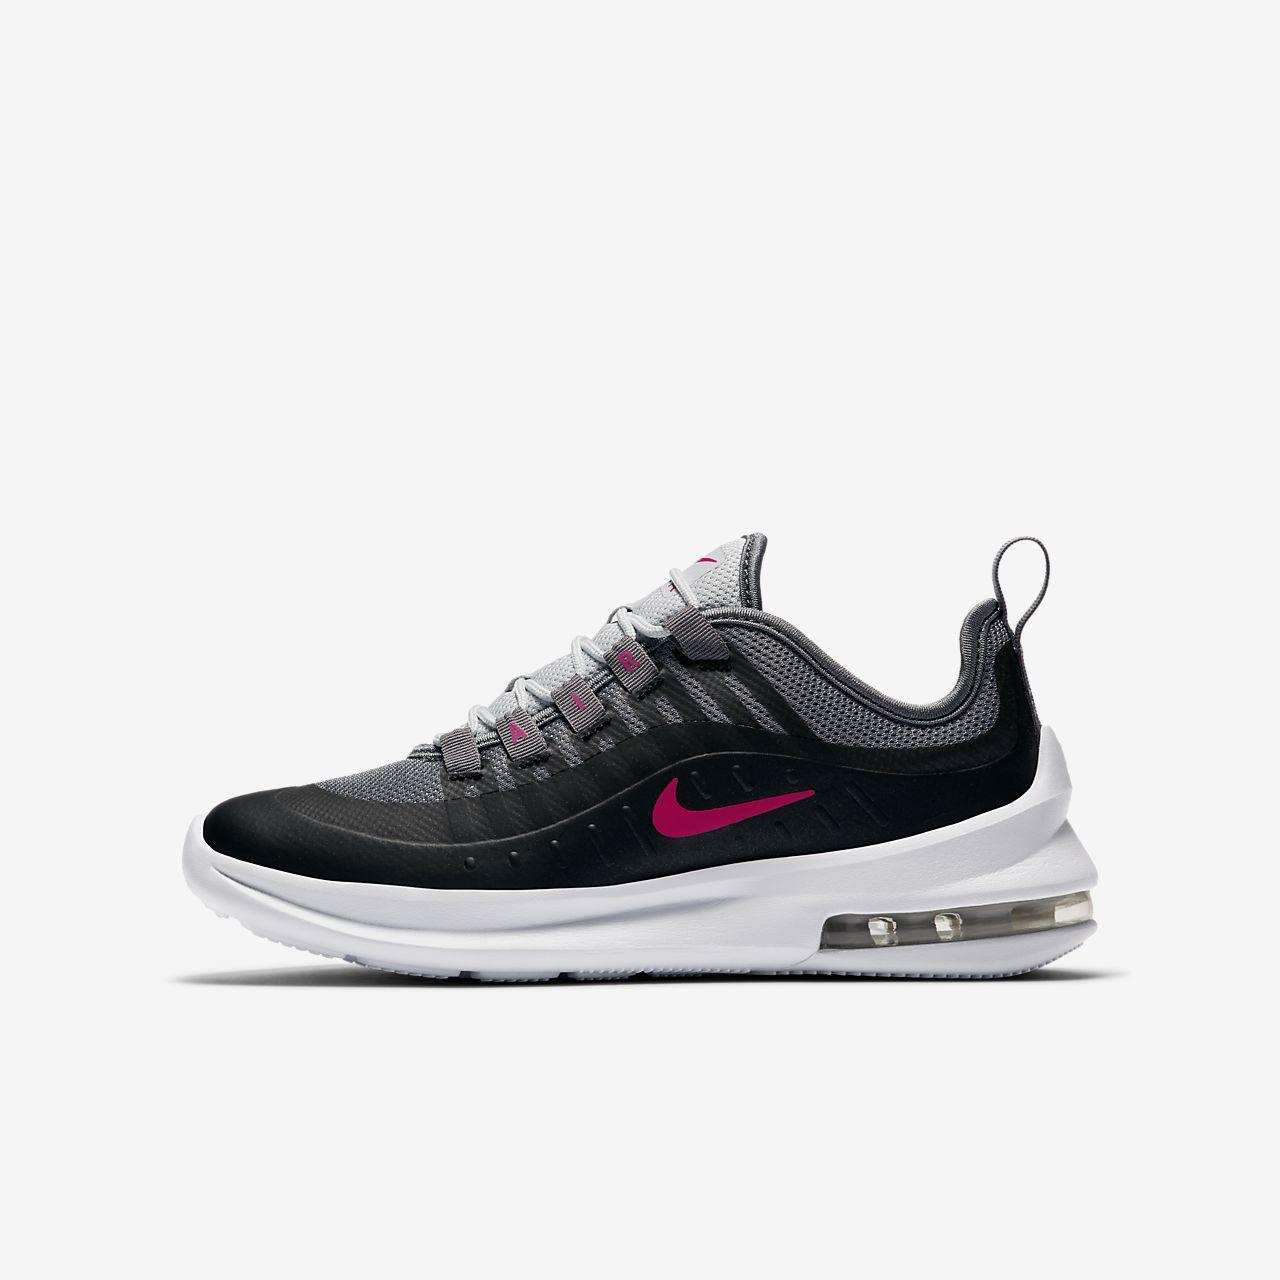 65b8a118503a Nike Air Max Axis Older Kids  Shoe. Nike.com NL